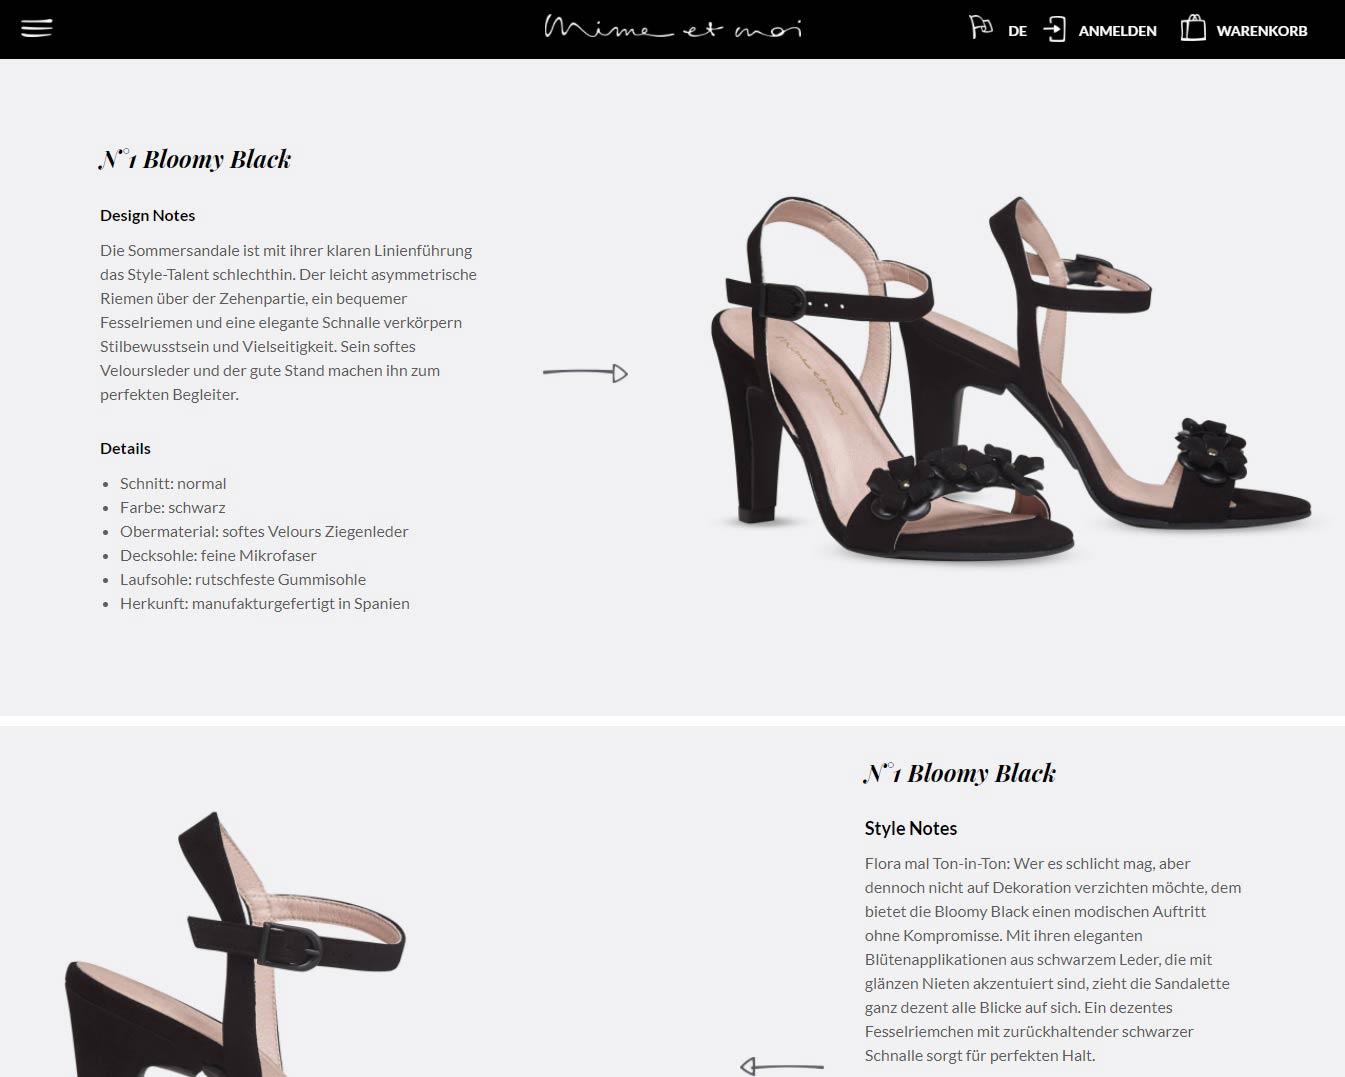 Mime-et-moi-Produktdetailbeschreibung